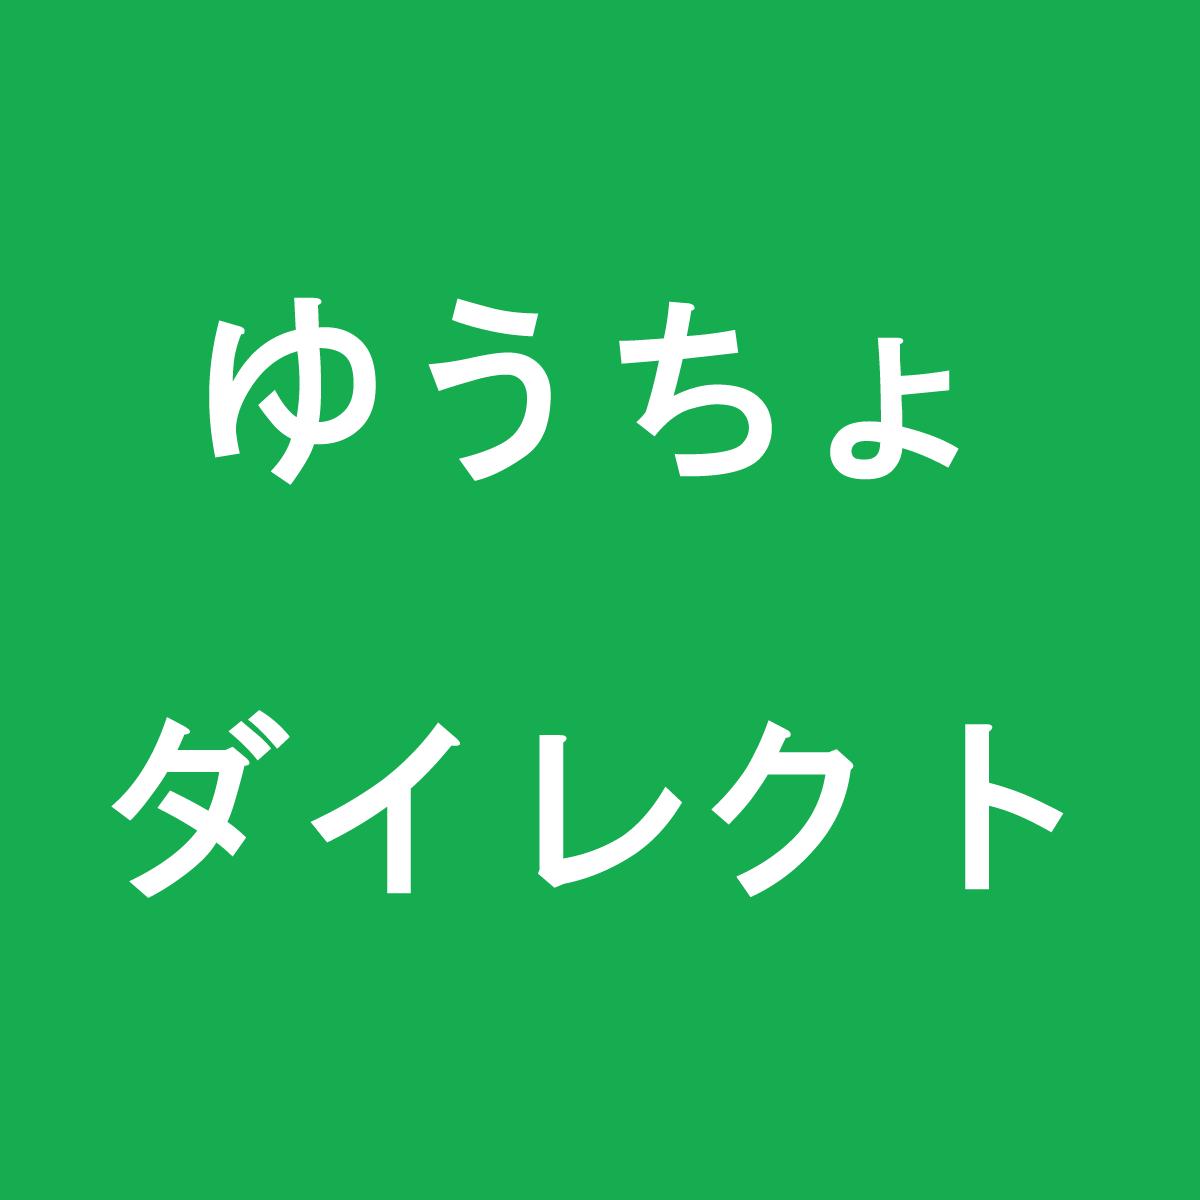 バンキング ゆうちょ 銀行 インターネット